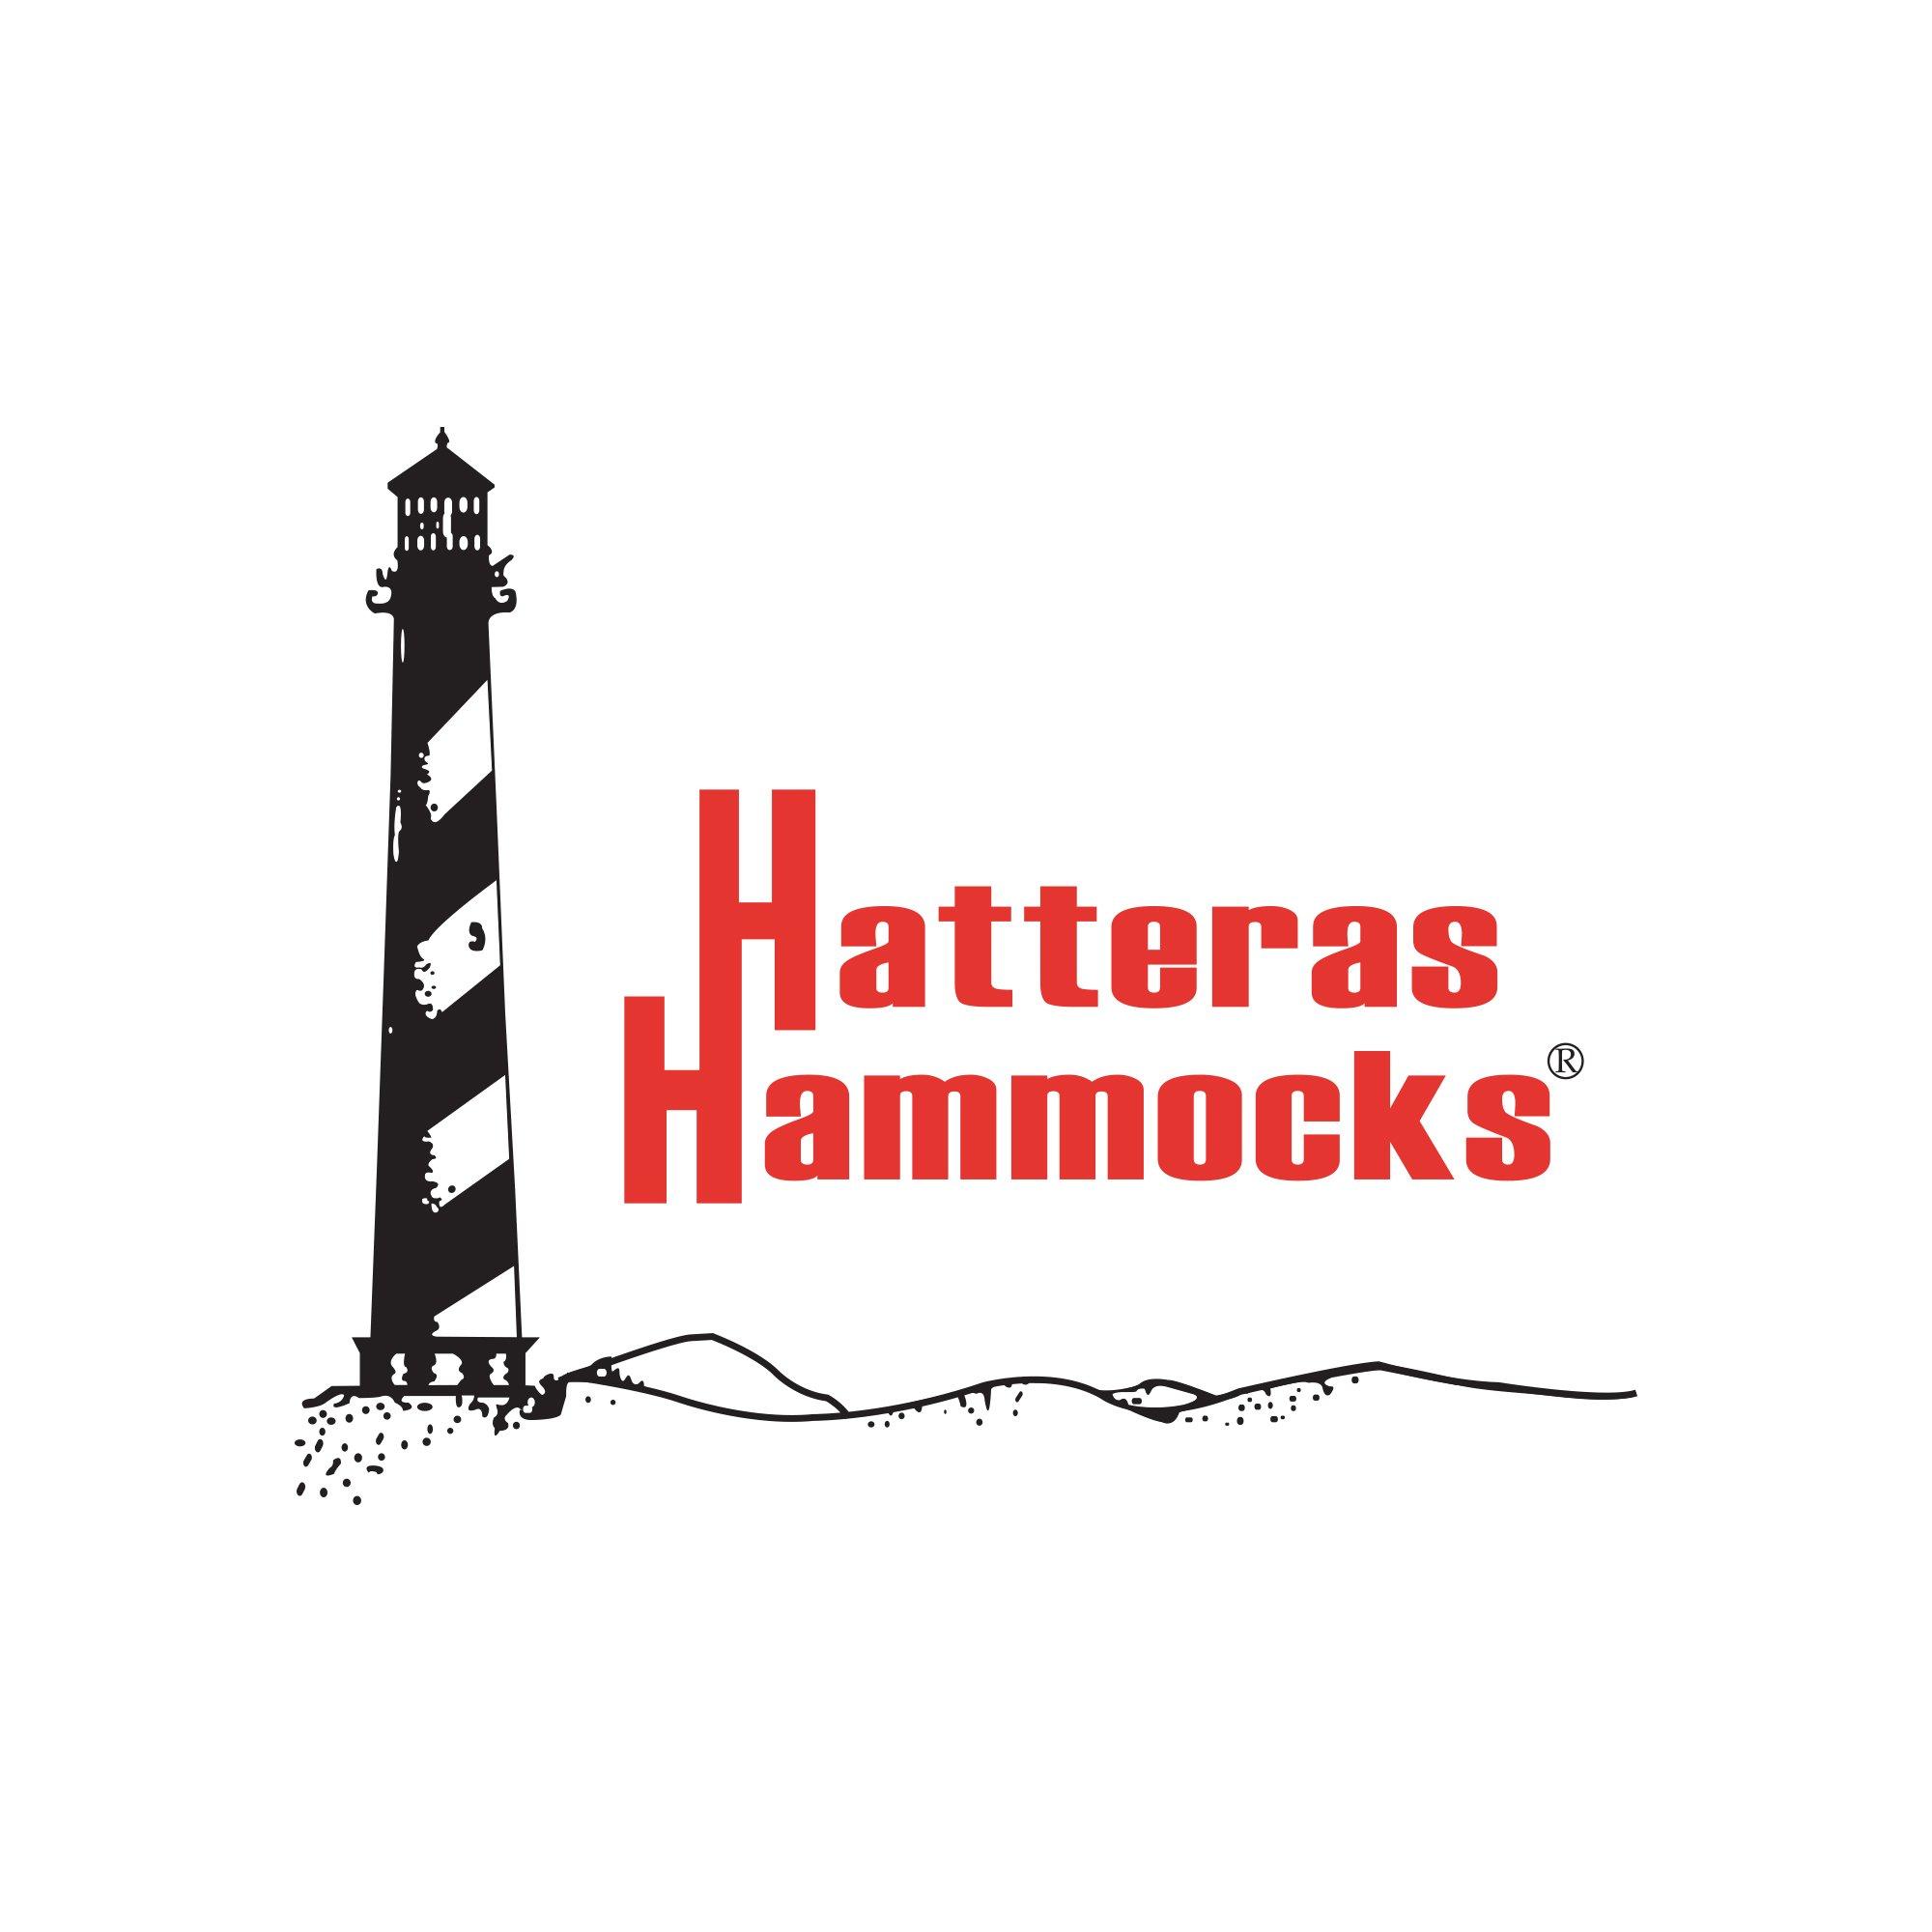 Hatteras Hammocks 52 Inch Long Hammock Pillow - Cream by Hatteras Hammocks (Image #4)